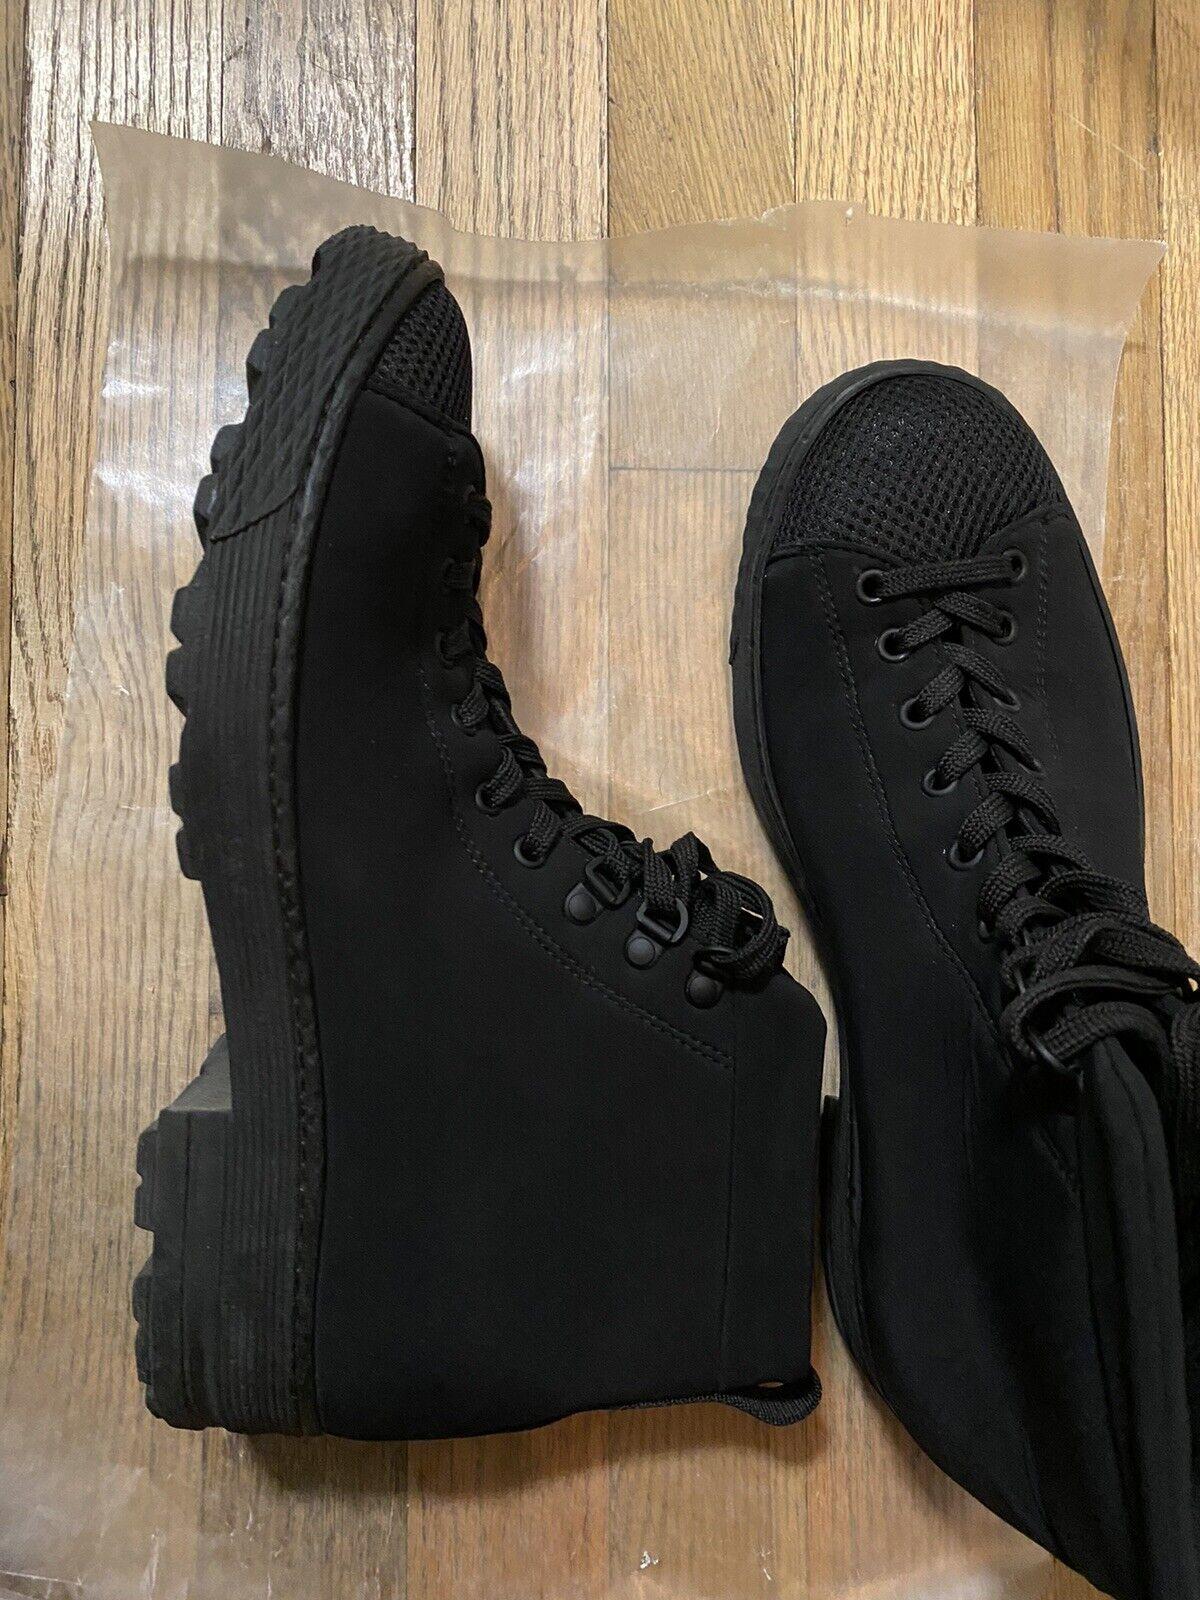 james perse k2 SCUBA mountain boot size 10